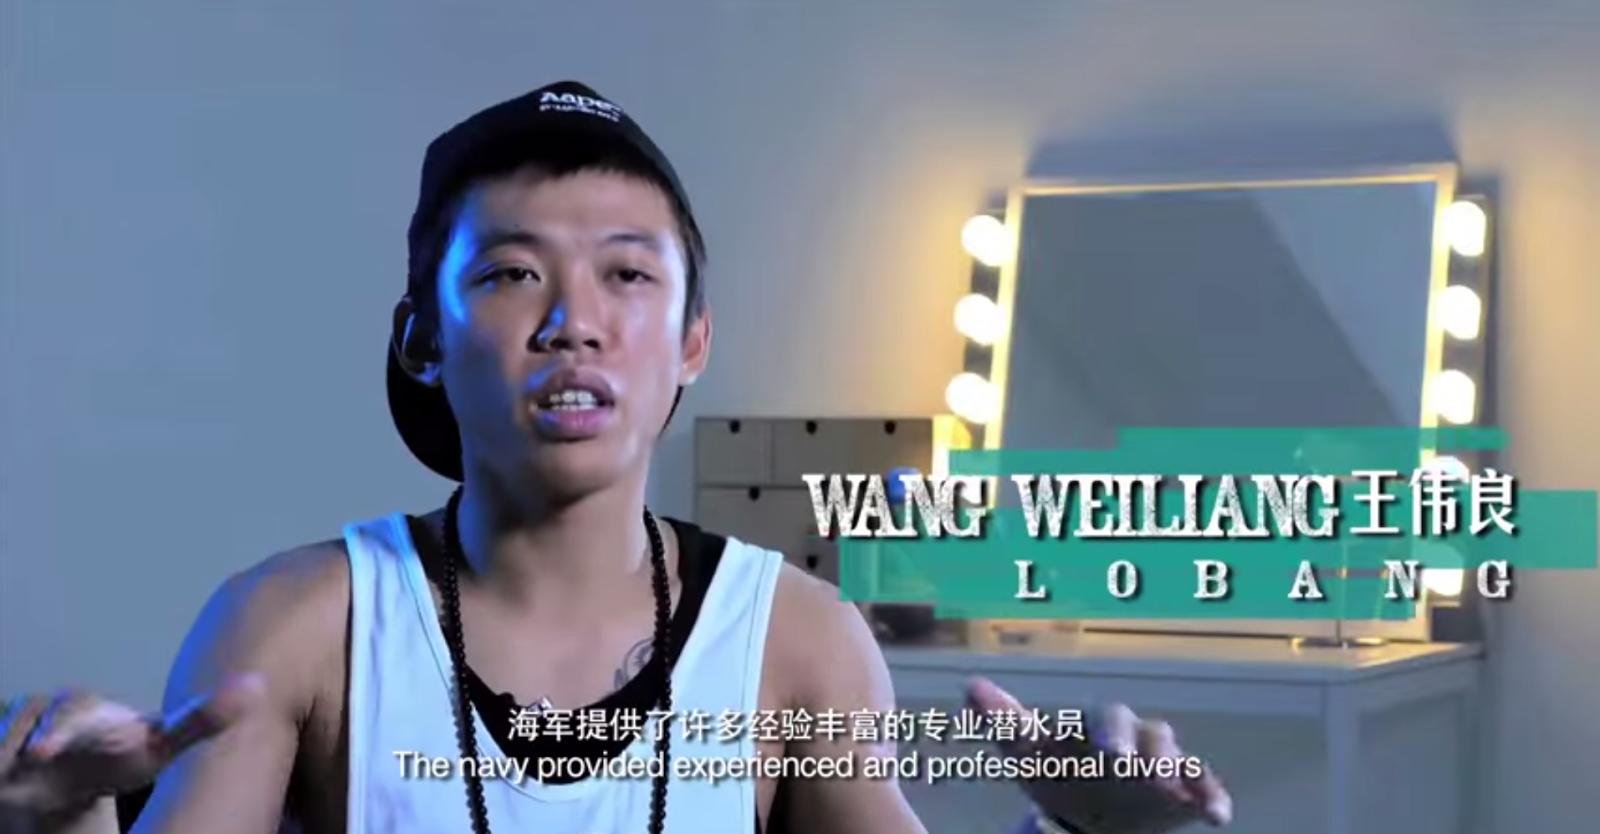 Wang Wei Liang (王伟良)